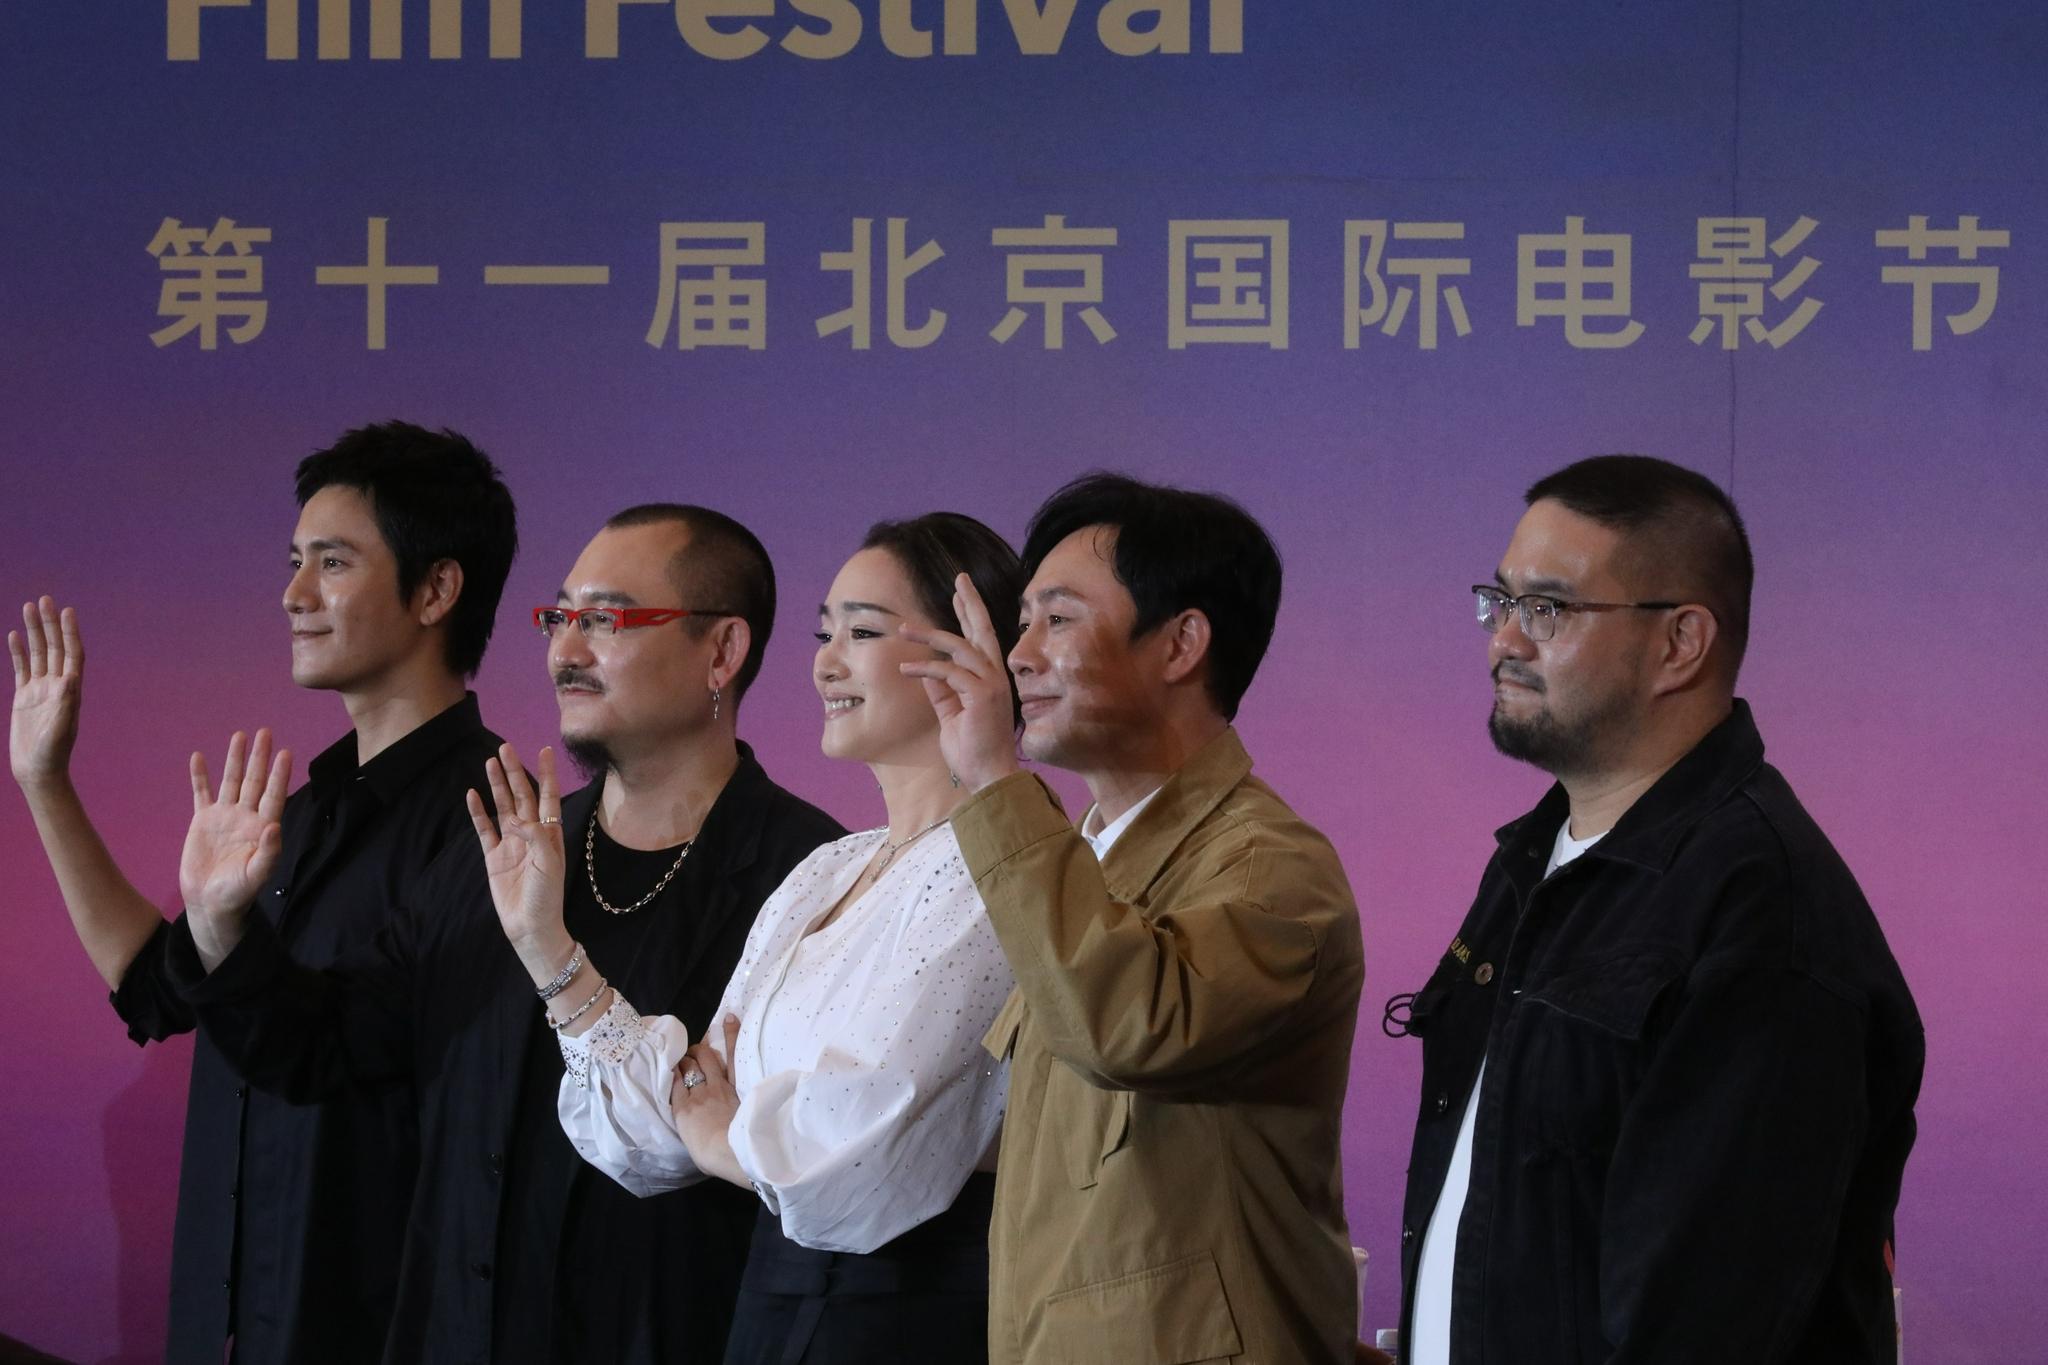 """巩俐、陈坤等评委谈北影节""""天坛奖""""评审:角度多元、包容公正"""